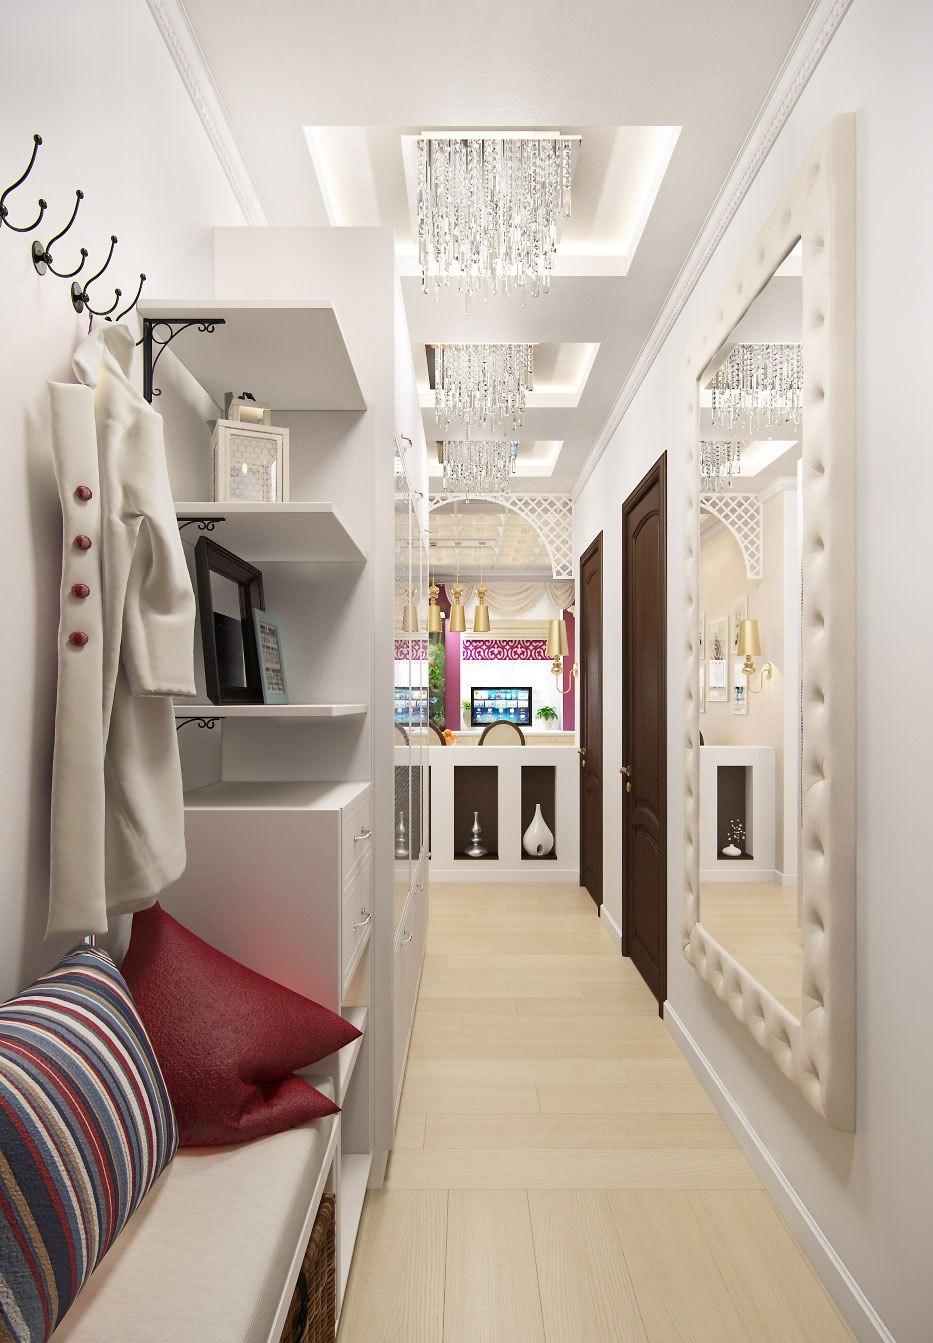 интерьер узкого коридора в квартире панельного дома